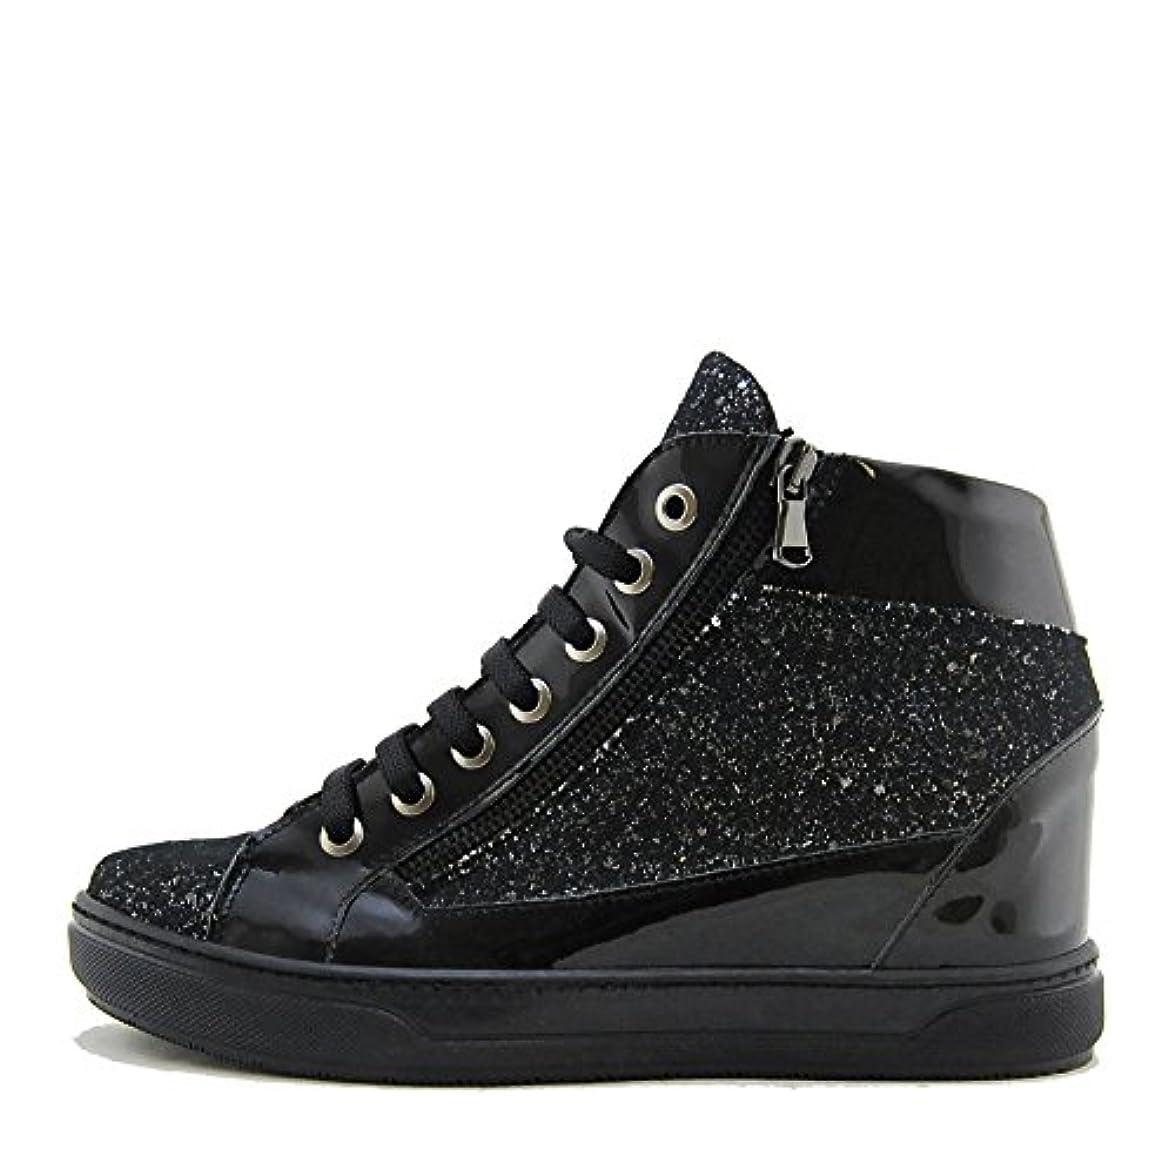 Lea Gu Calzature Sneakers Con Zeppa Nera Glitter E Vernice Fondo Gomma Para